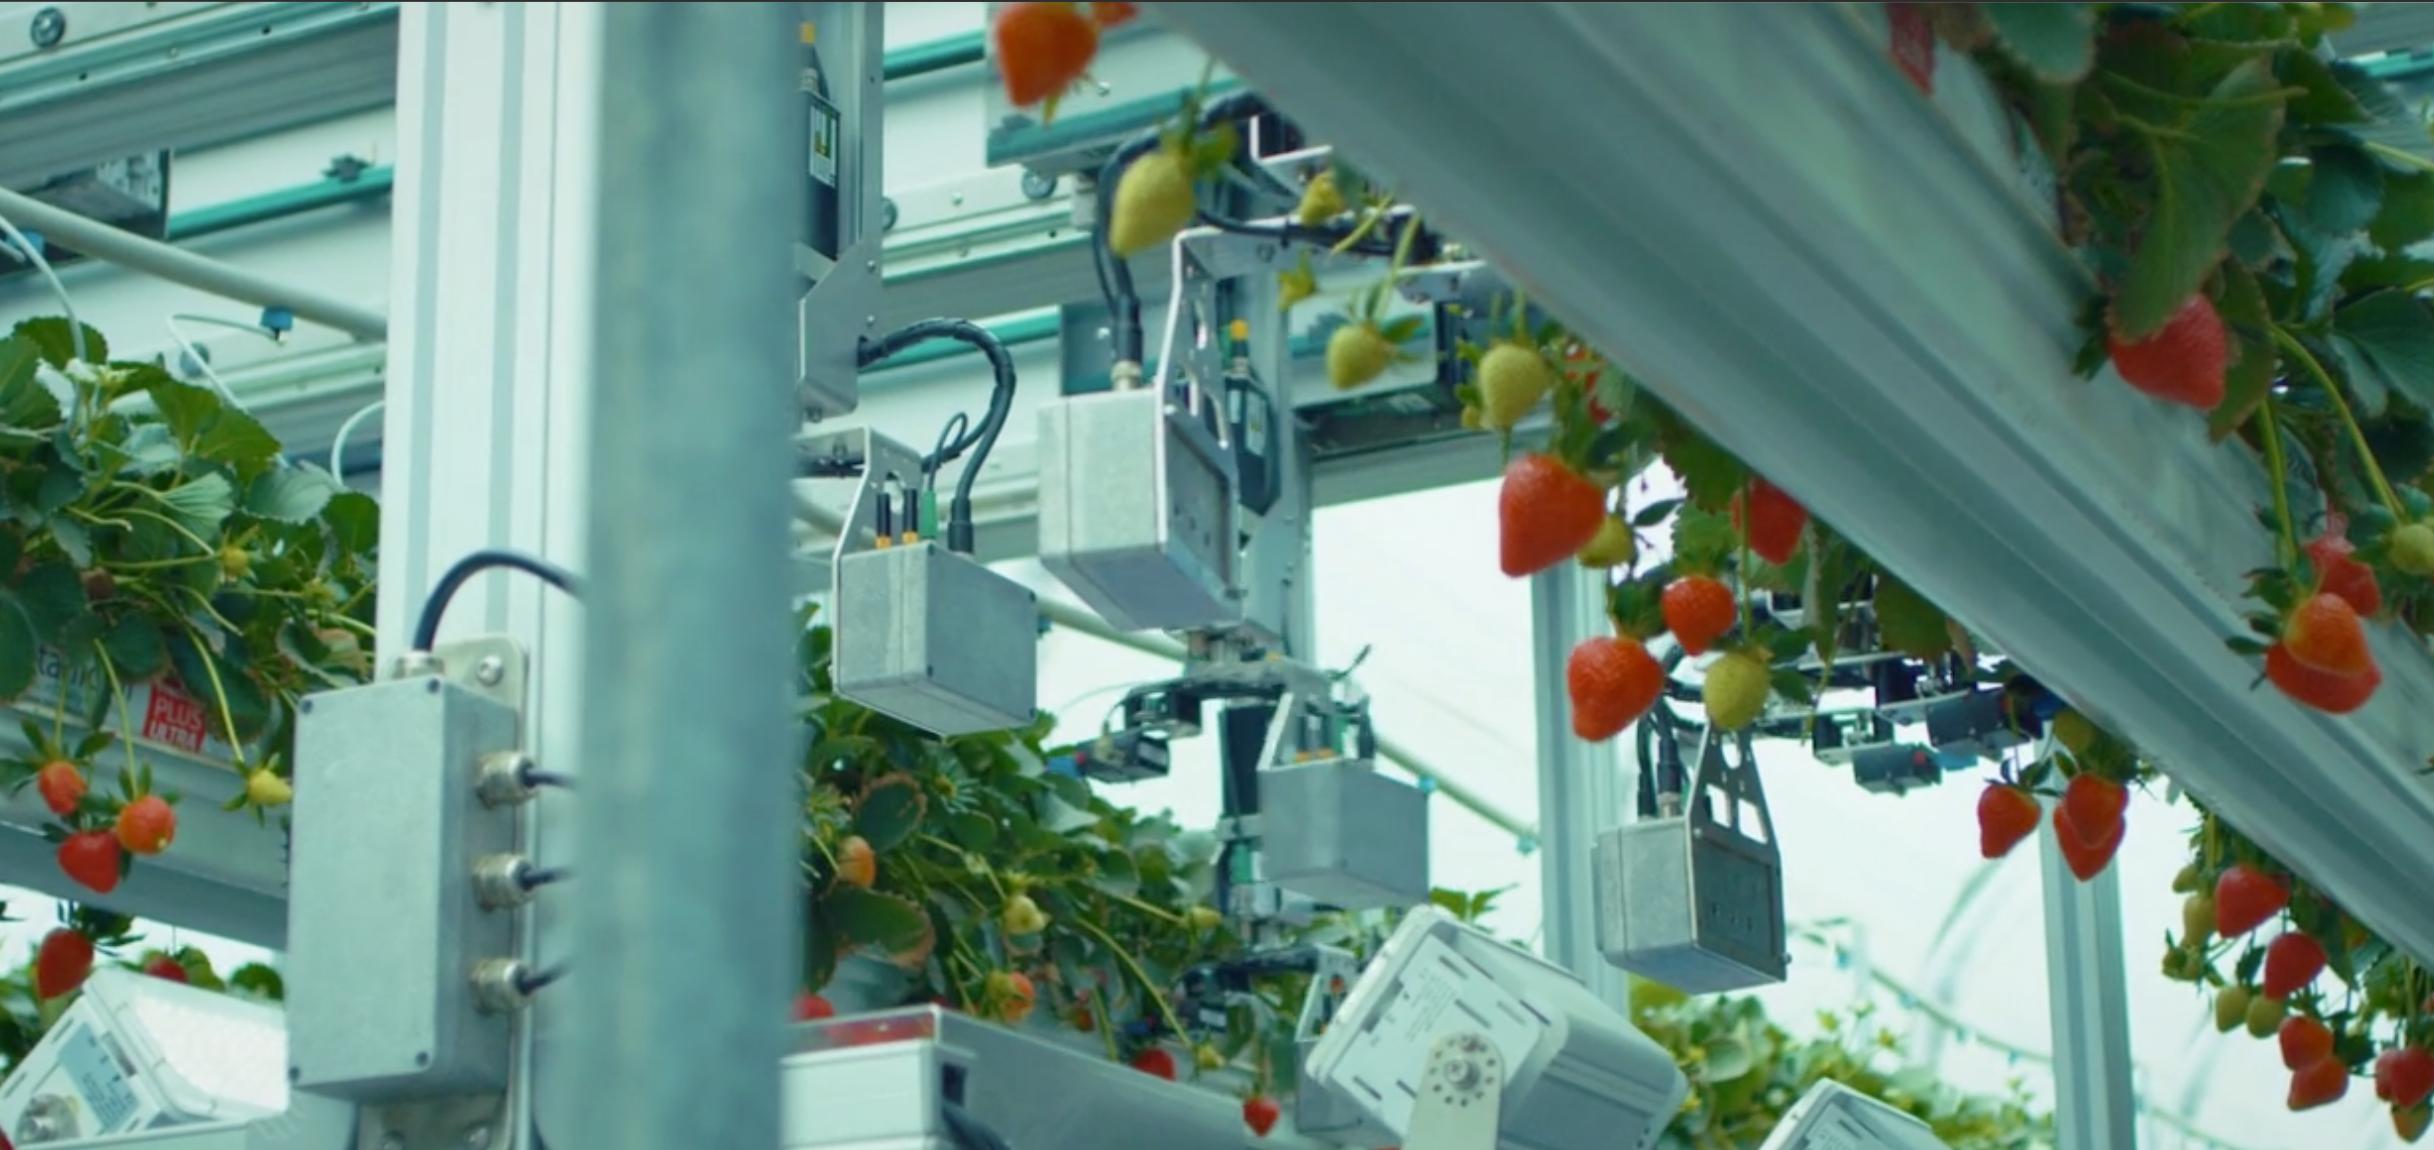 摘み取るイチゴをAIで判別し傷つけずに収穫できる、AGROBOT社のロボットEシリーズについて解説